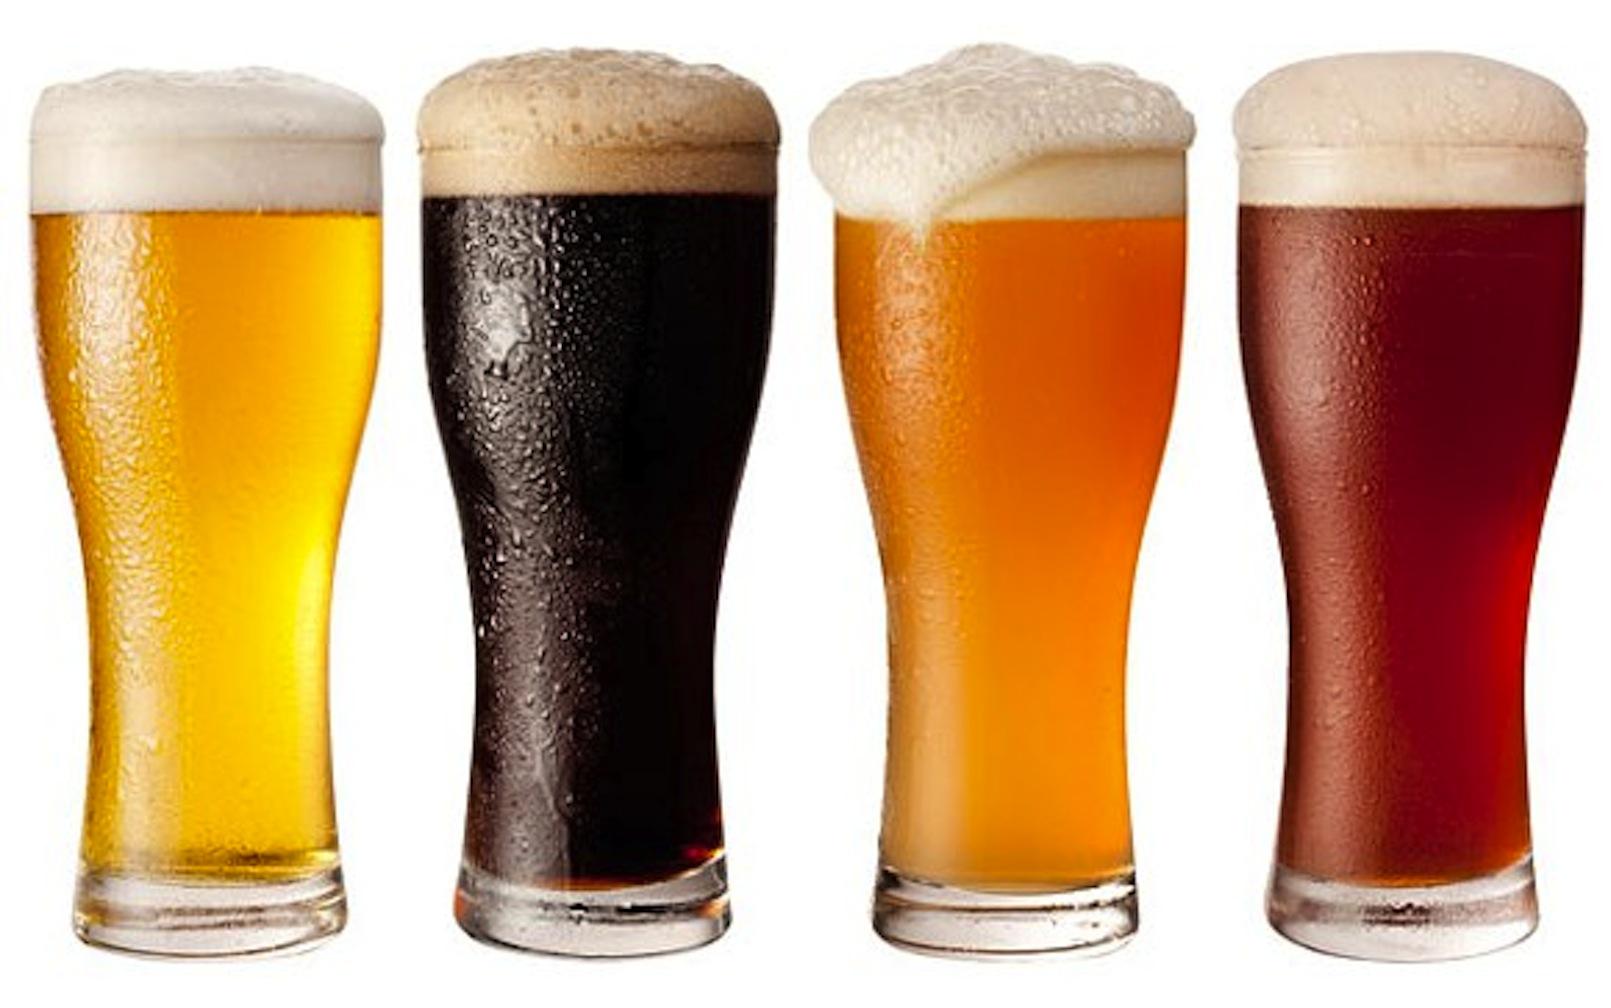 O que engorda mais: vinho ou cerveja? 1